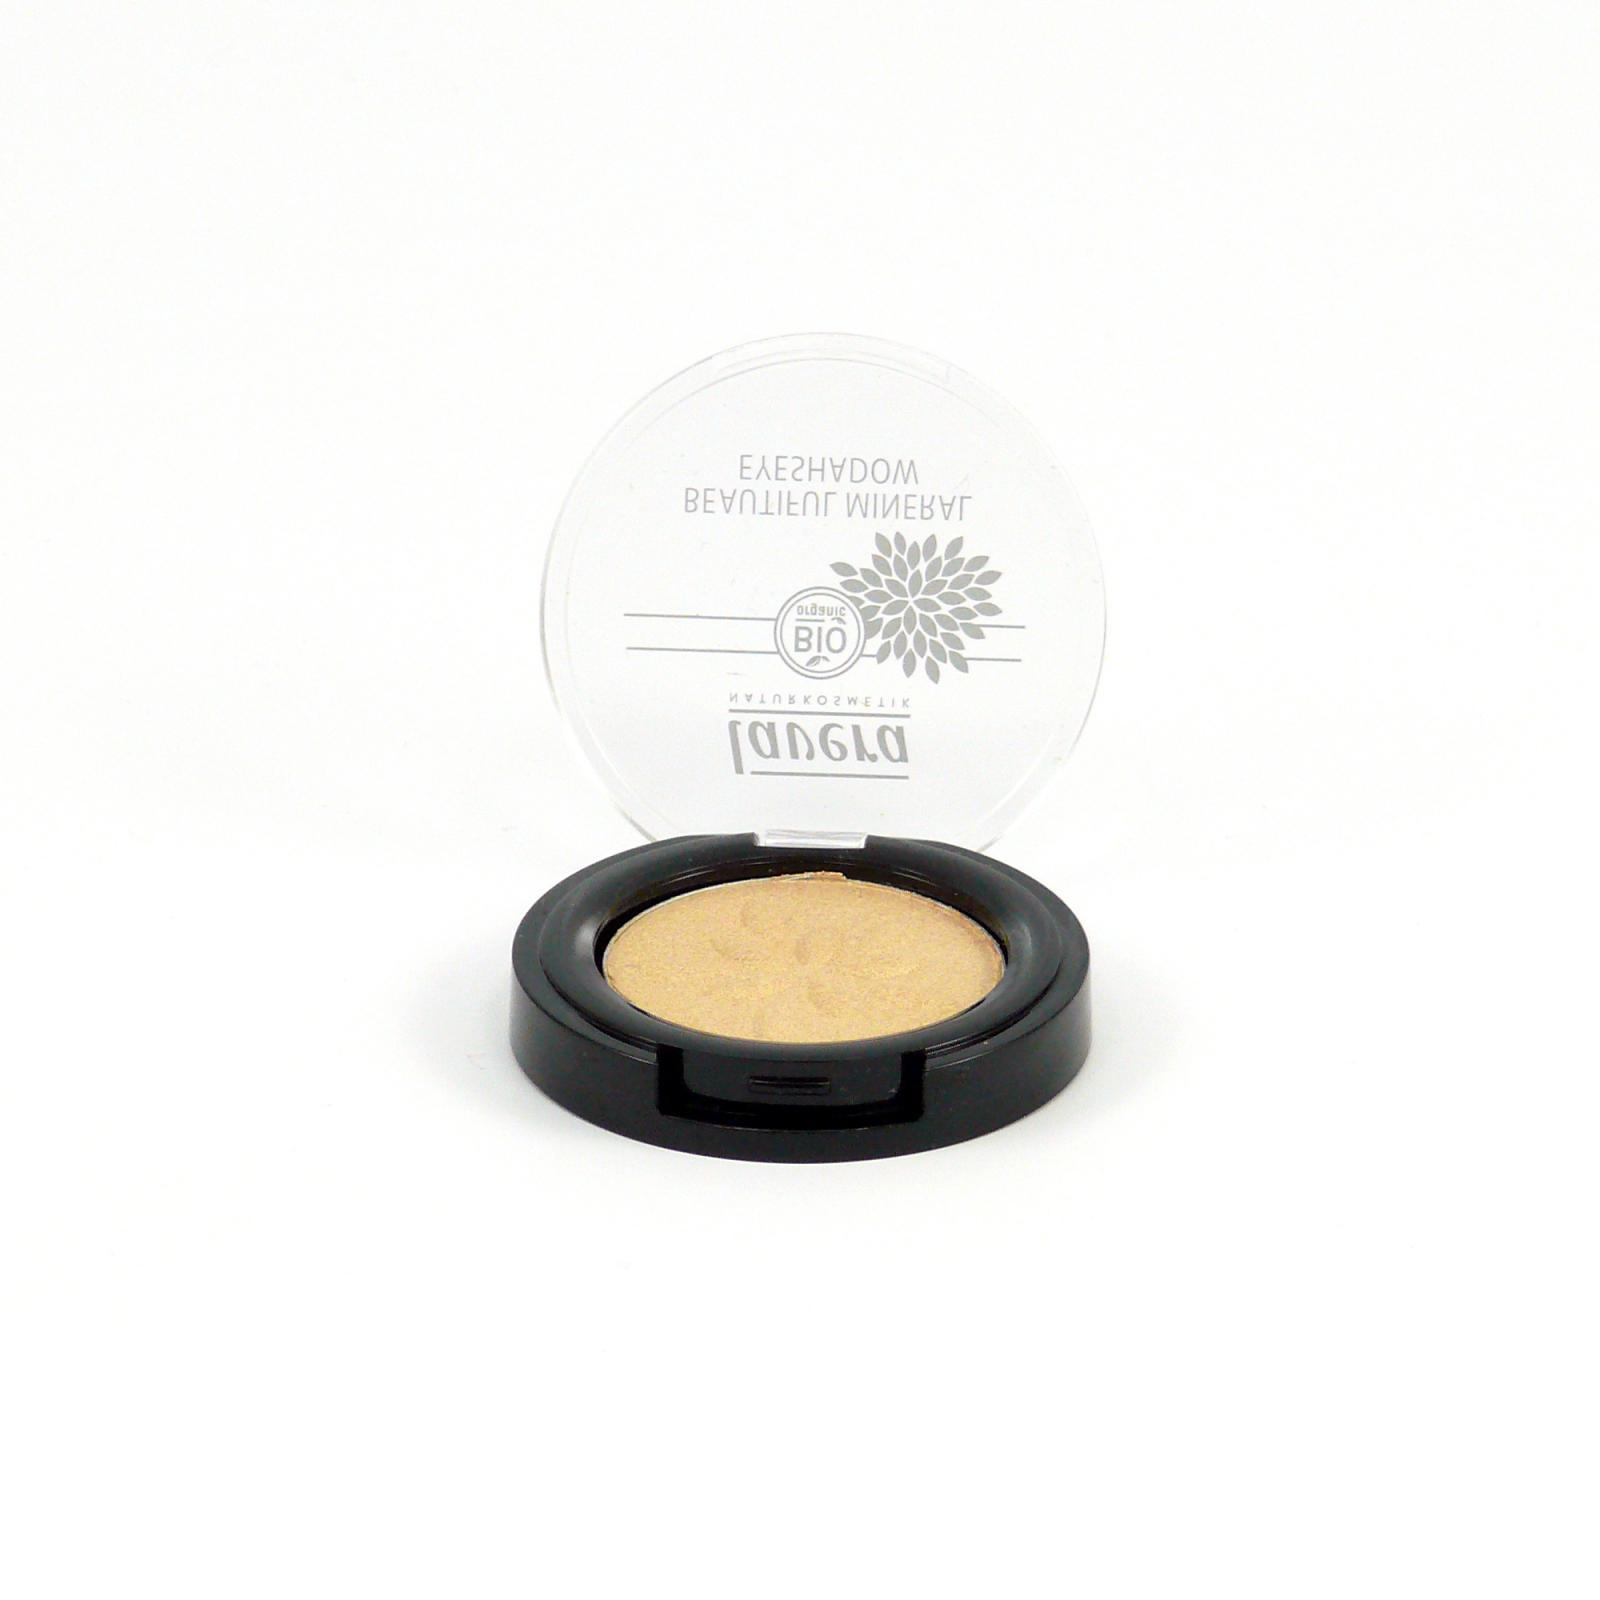 Lavera Oční stíny MONO 01 zlatá, Trend Sensitive 2014 2 g